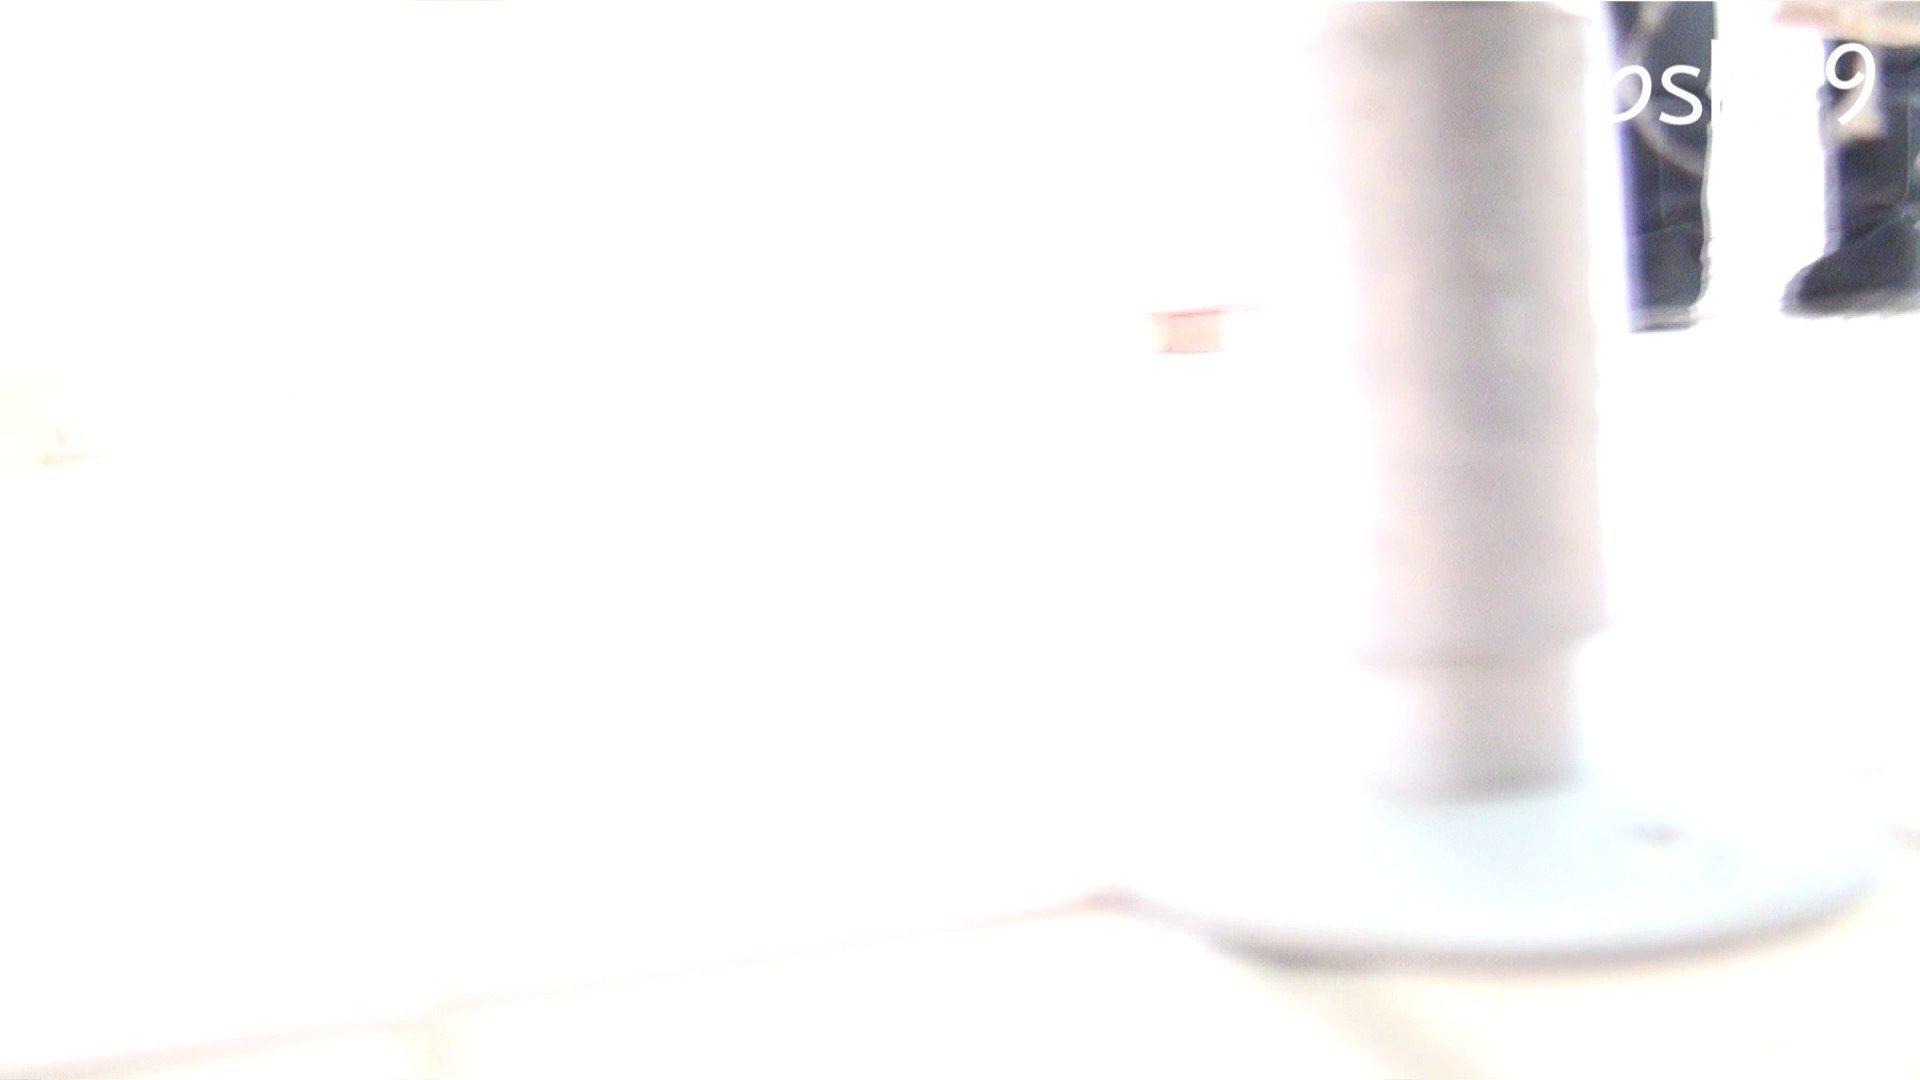 ▲復活限定▲ハイビジョン 盗神伝 Vol.29 洗面所シーン オメコ動画キャプチャ 85画像 46